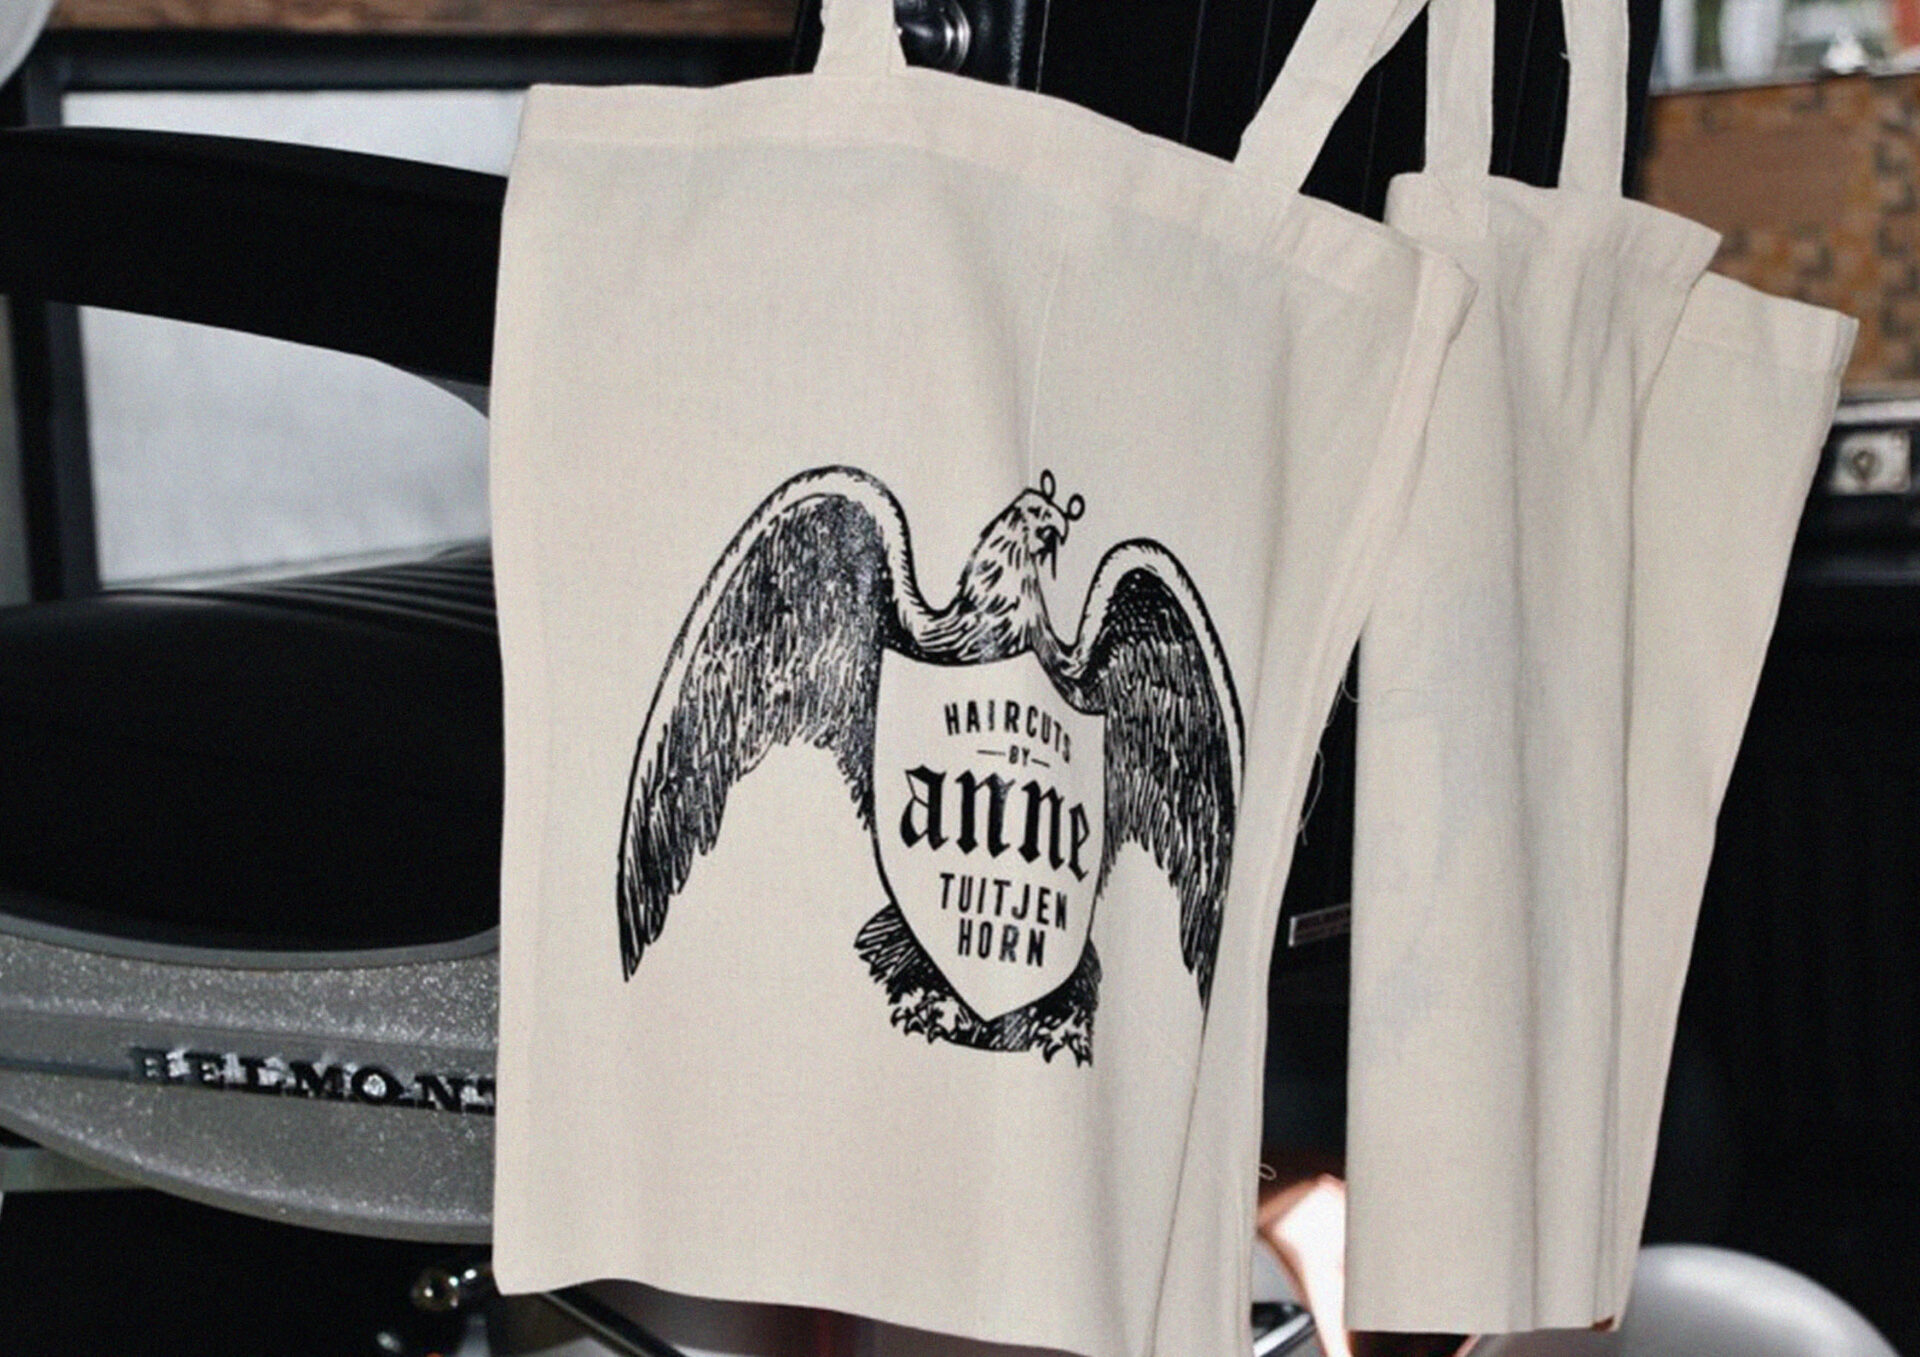 Linnen tassen voor Anne Hink (Haircuts by Anne) ontworpen door Sjoerd van Schagen